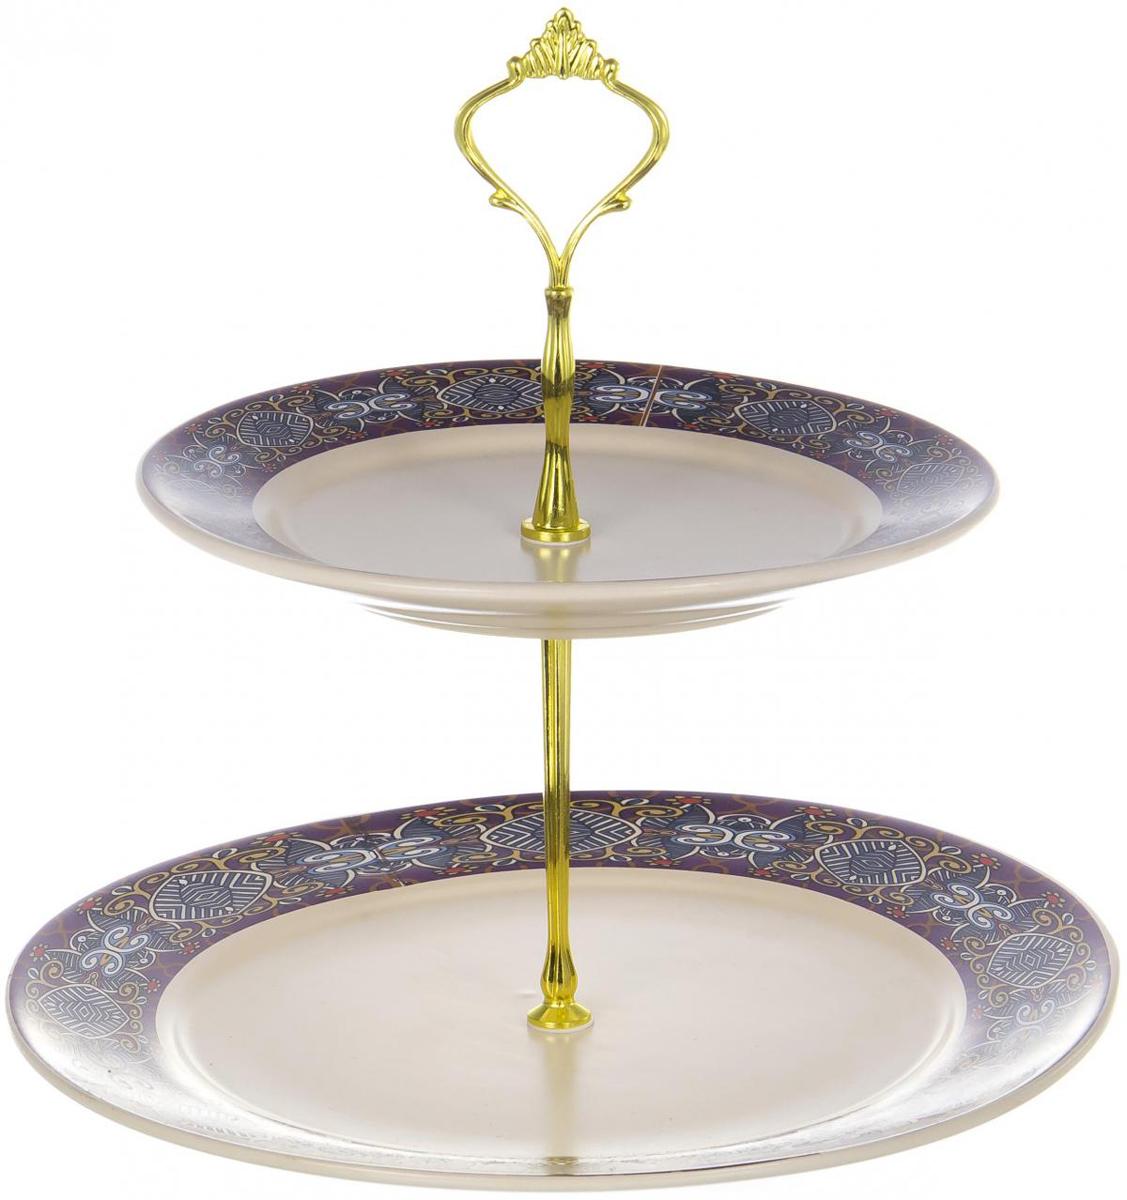 """Двухъярусная фруктовница """"Olaff"""" выполнена из керамики в виде двух блюд на изящной ножке и декорирована изящным узором. Изделие оснащено ручкой для удобной переноски. Фруктовница """"Olaff"""" станет идеальным украшением любой кухни или прекрасным подарком для вас и ваших близких."""